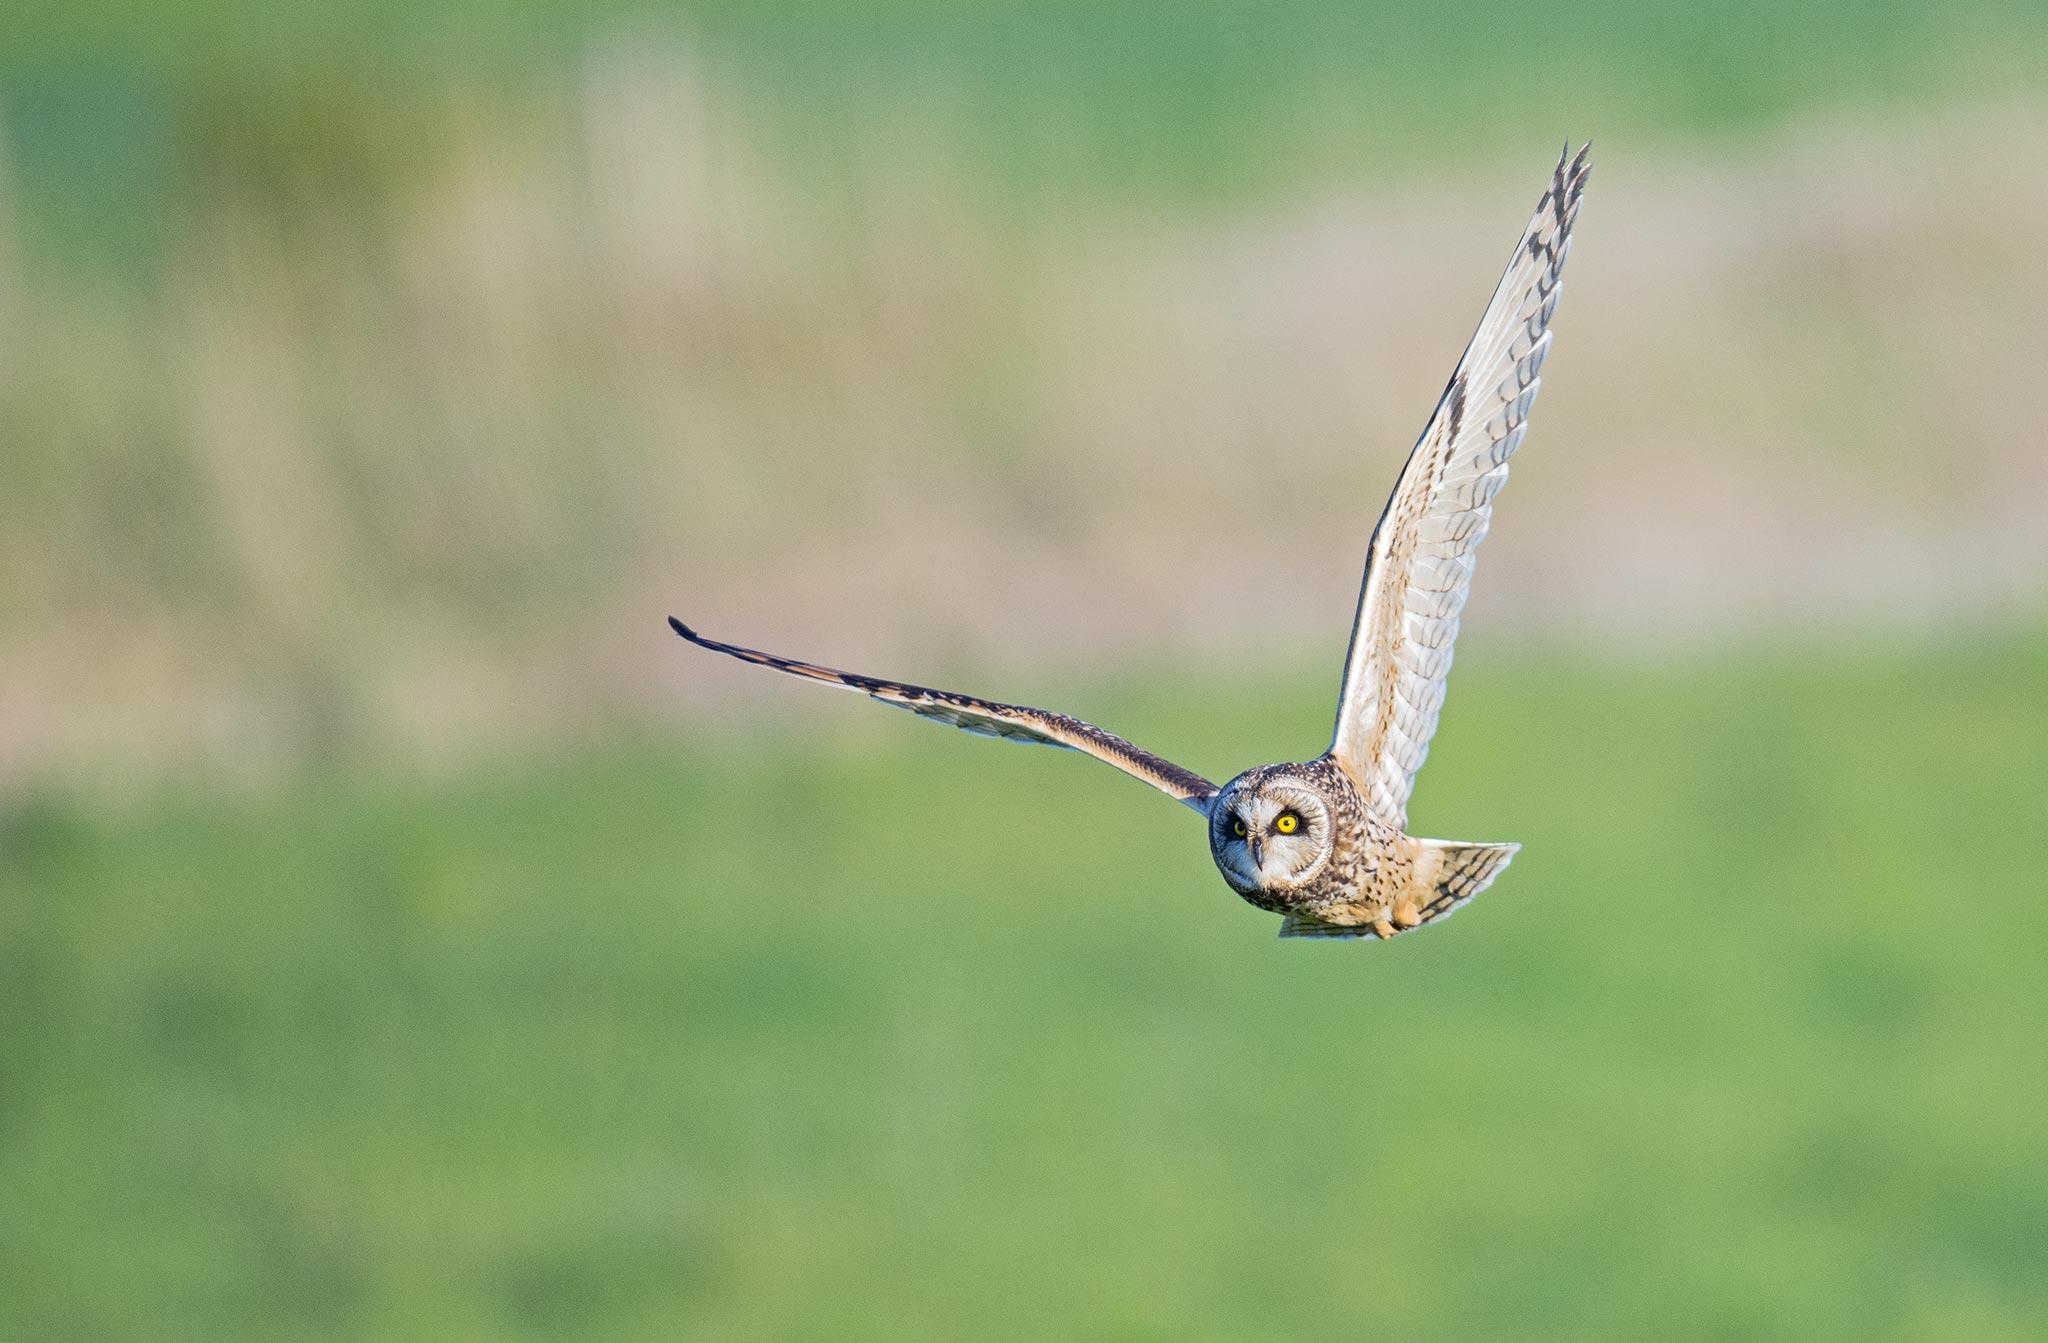 Hibou des marais (Asio flammeus) - Short-eared Owl - Baie de Somme - Picardie - France